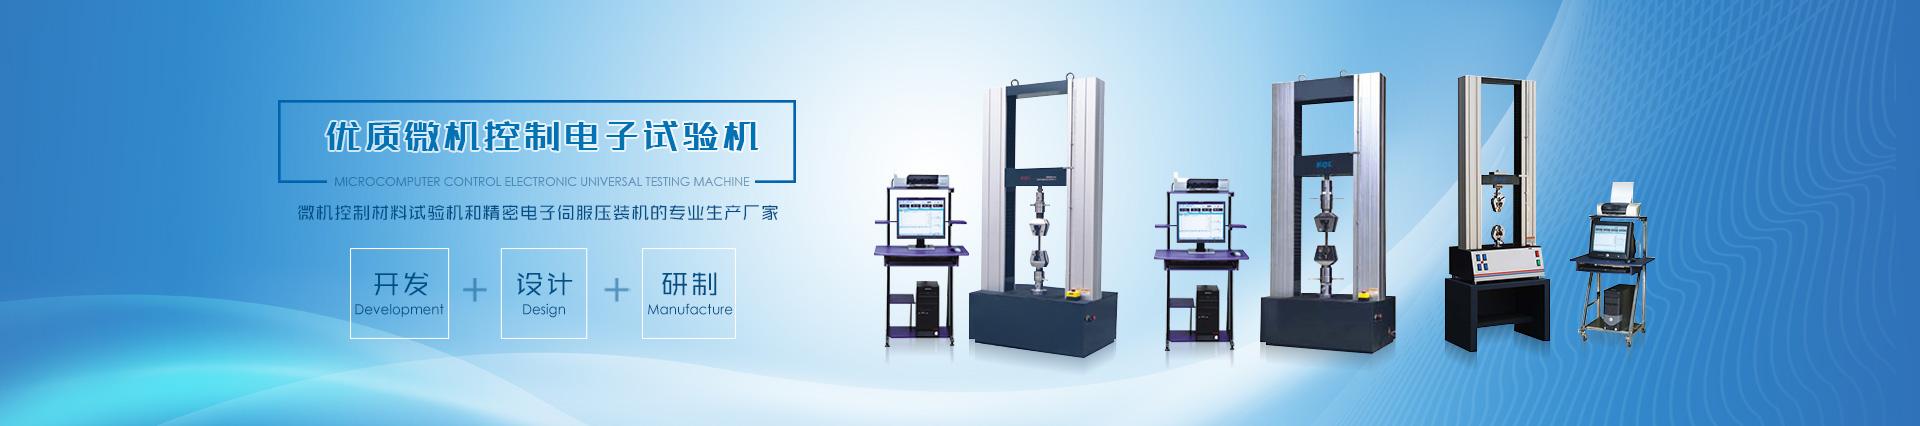 深圳市凯强利试验仪器有限公司